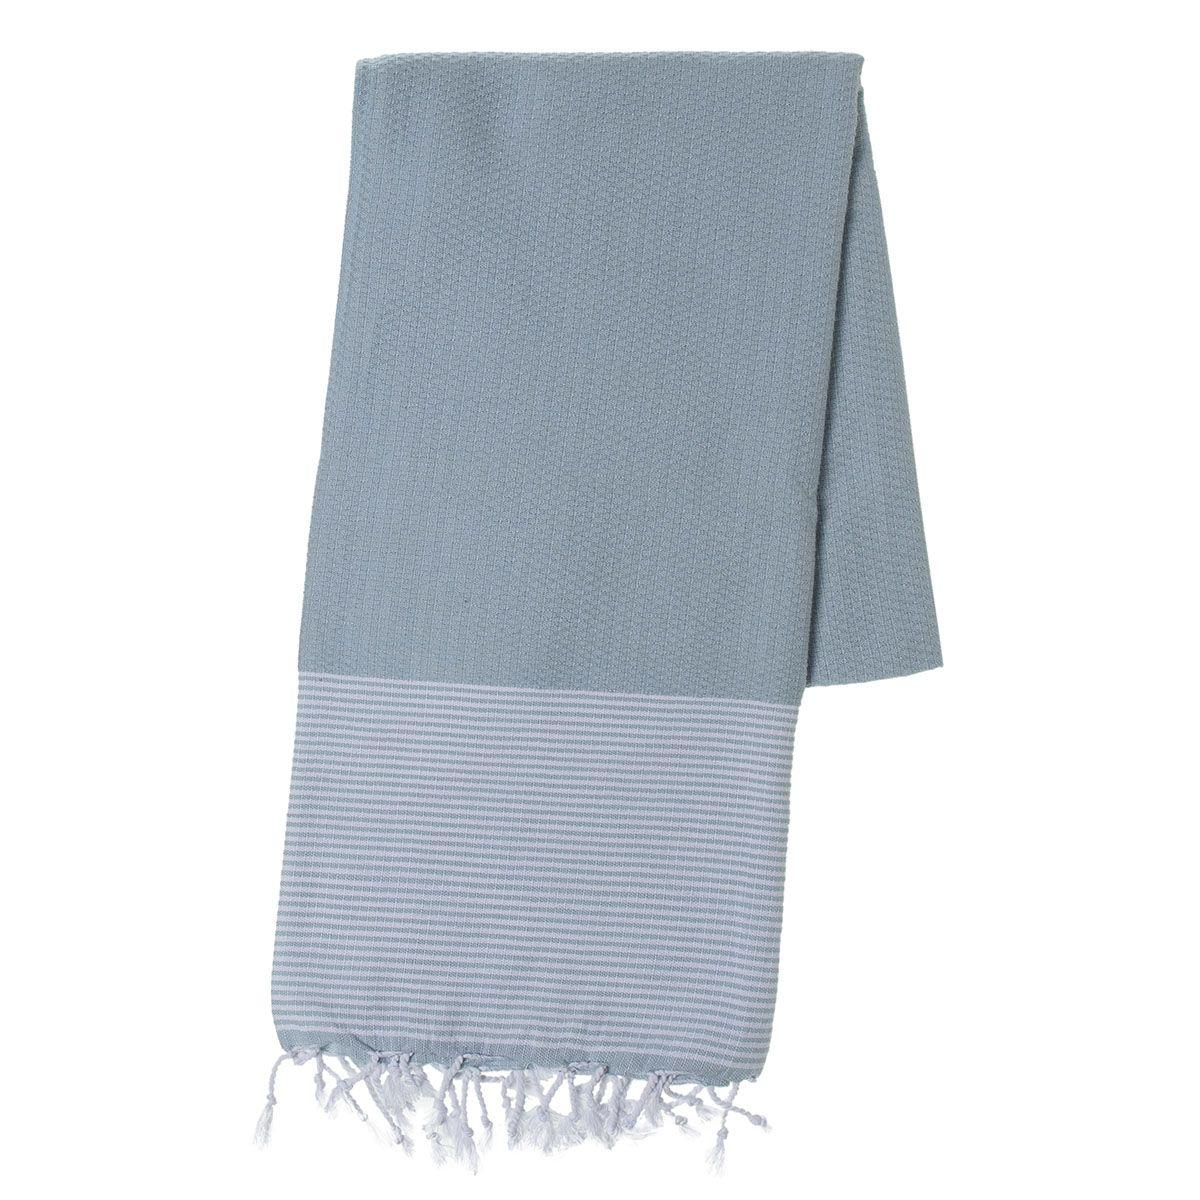 Peshtemal Asel - Light Blue